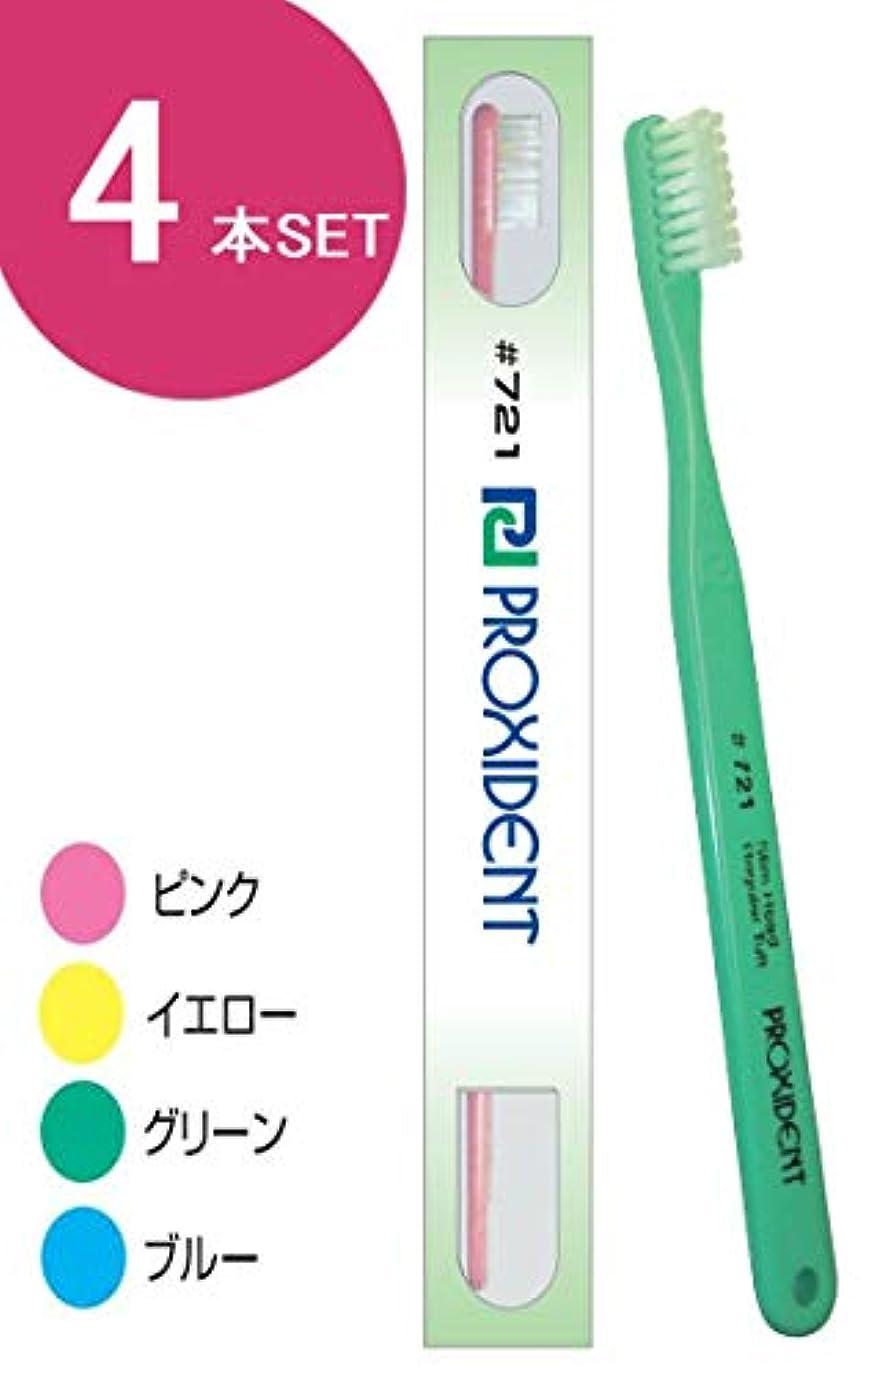 意図動機ベリープローデント プロキシデント スリムヘッド レギュラータフト 歯ブラシ #721 (4本)